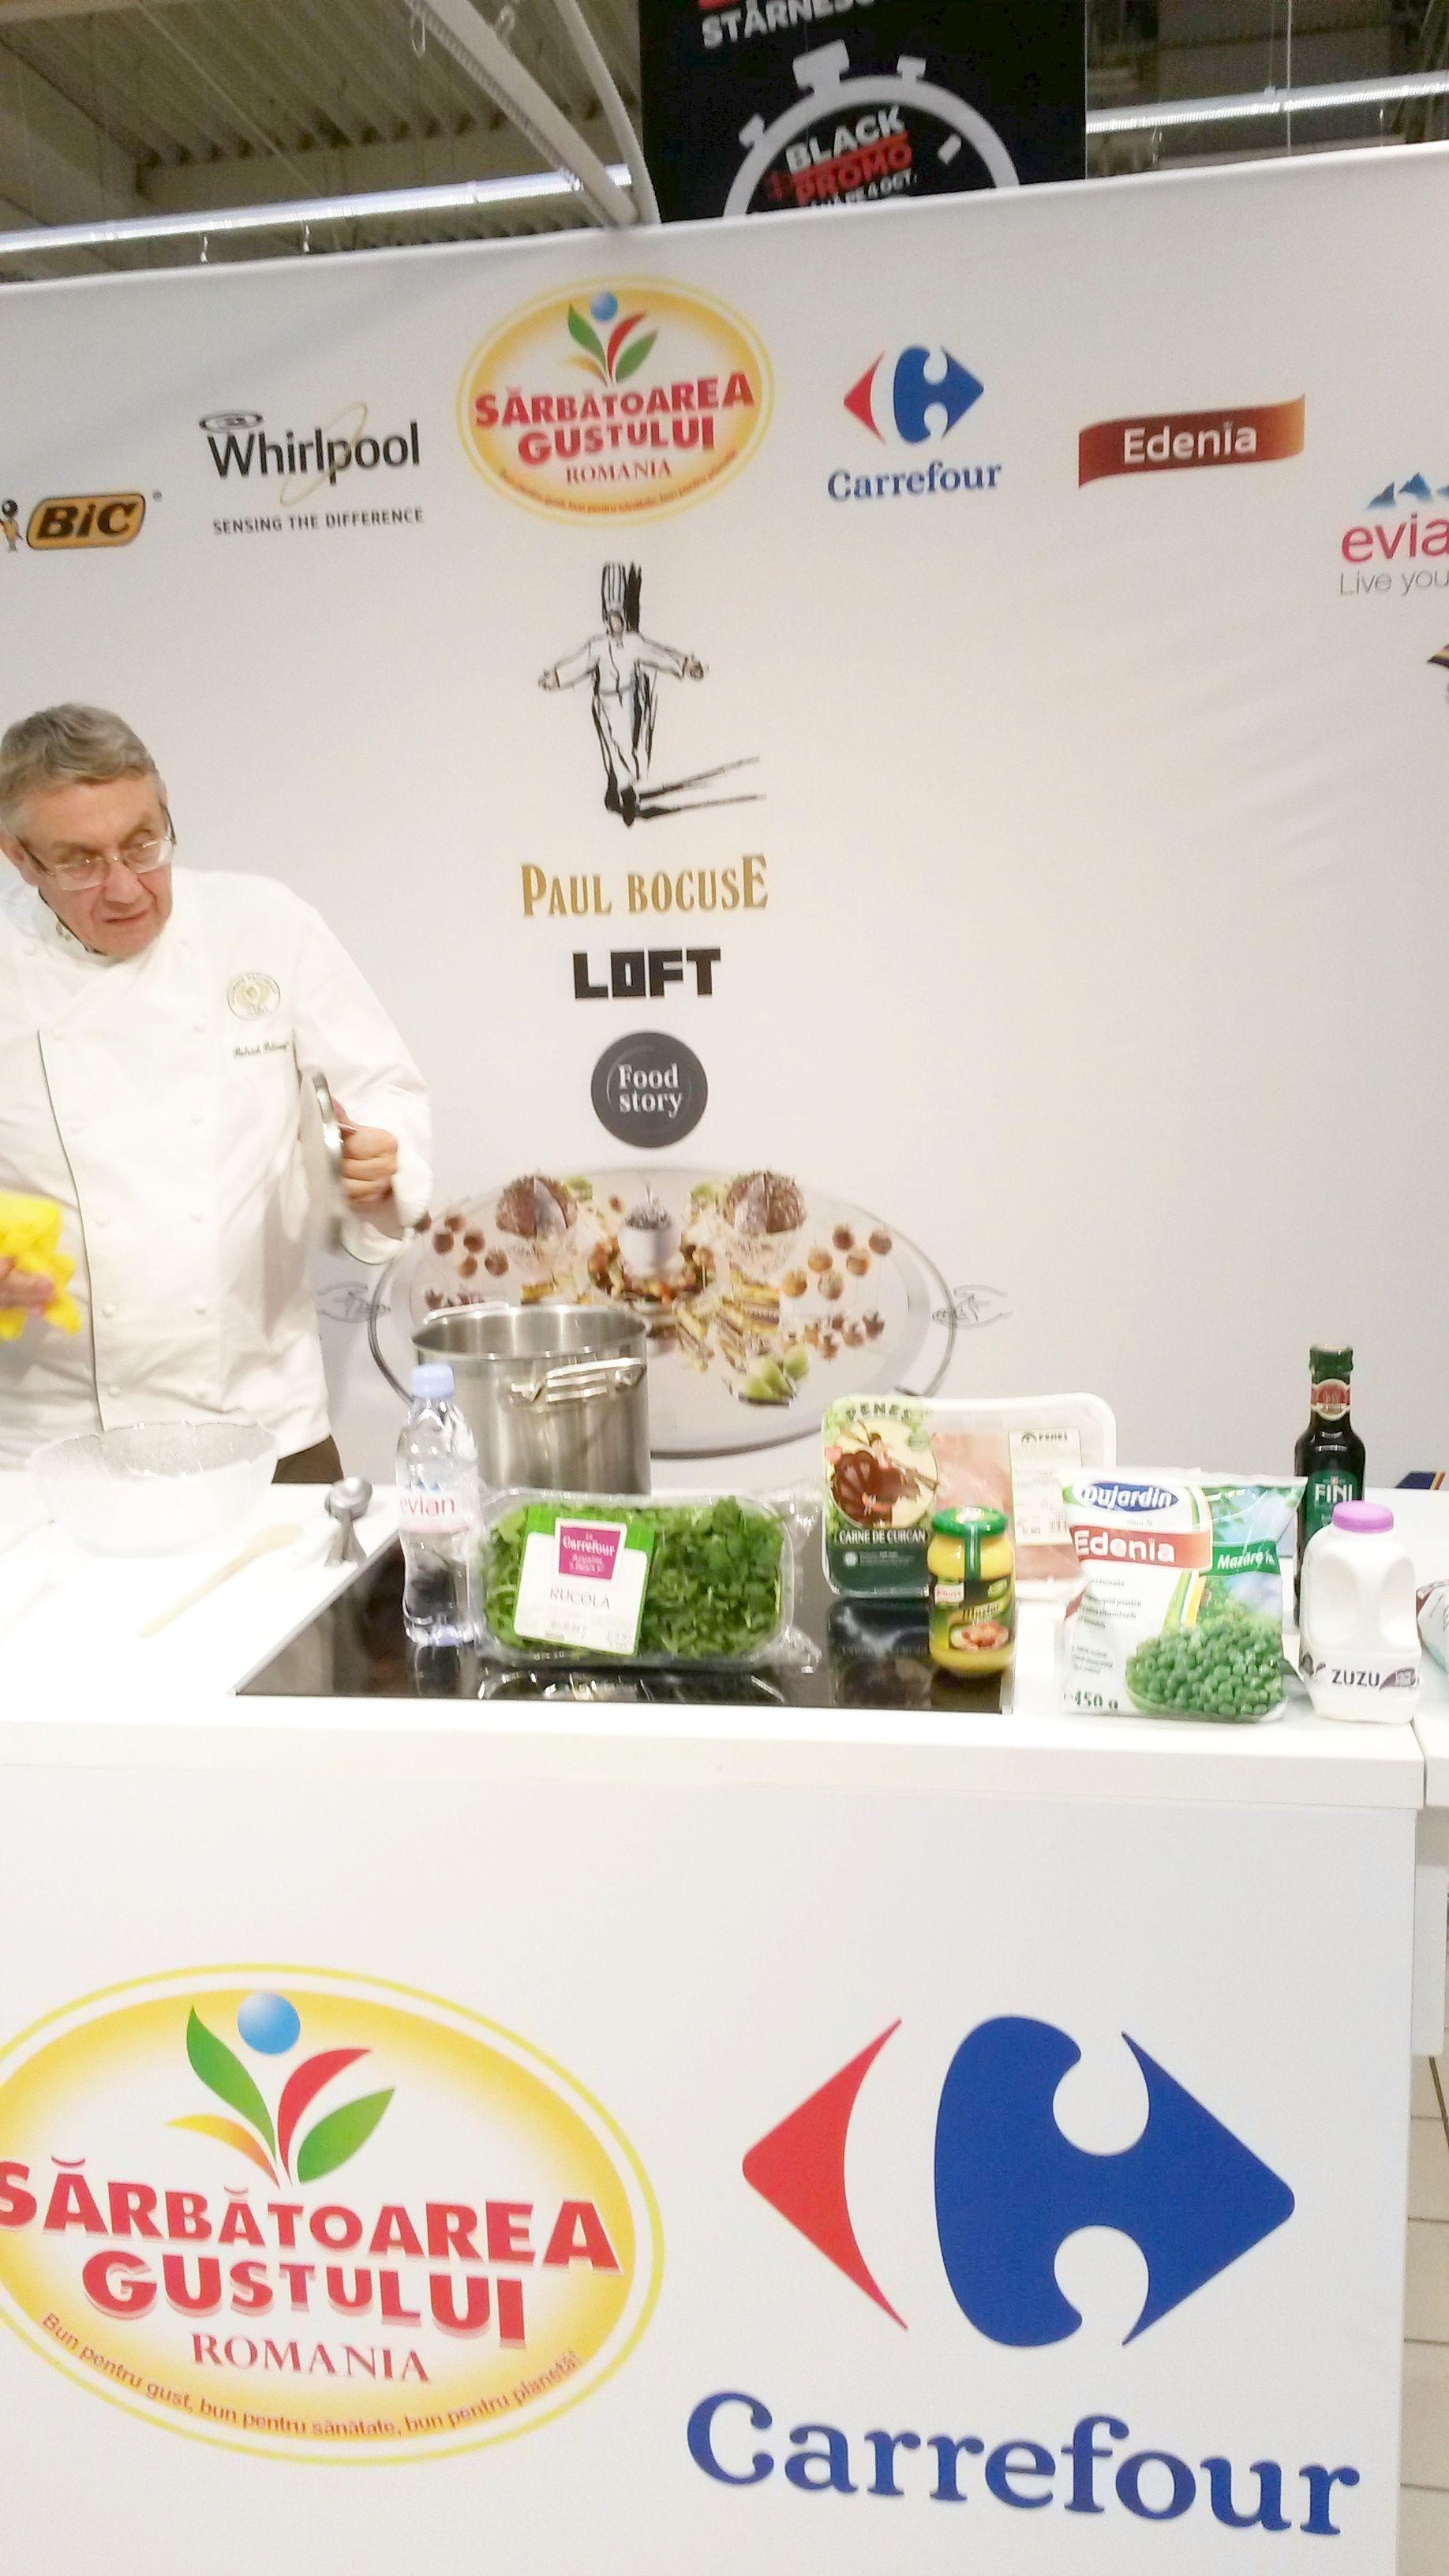 Atelier_Culinar_Sarbatoarea_Gustului_Carrefour_Atelier_educational_Patrick_Pierre_Pettenuzzo_15